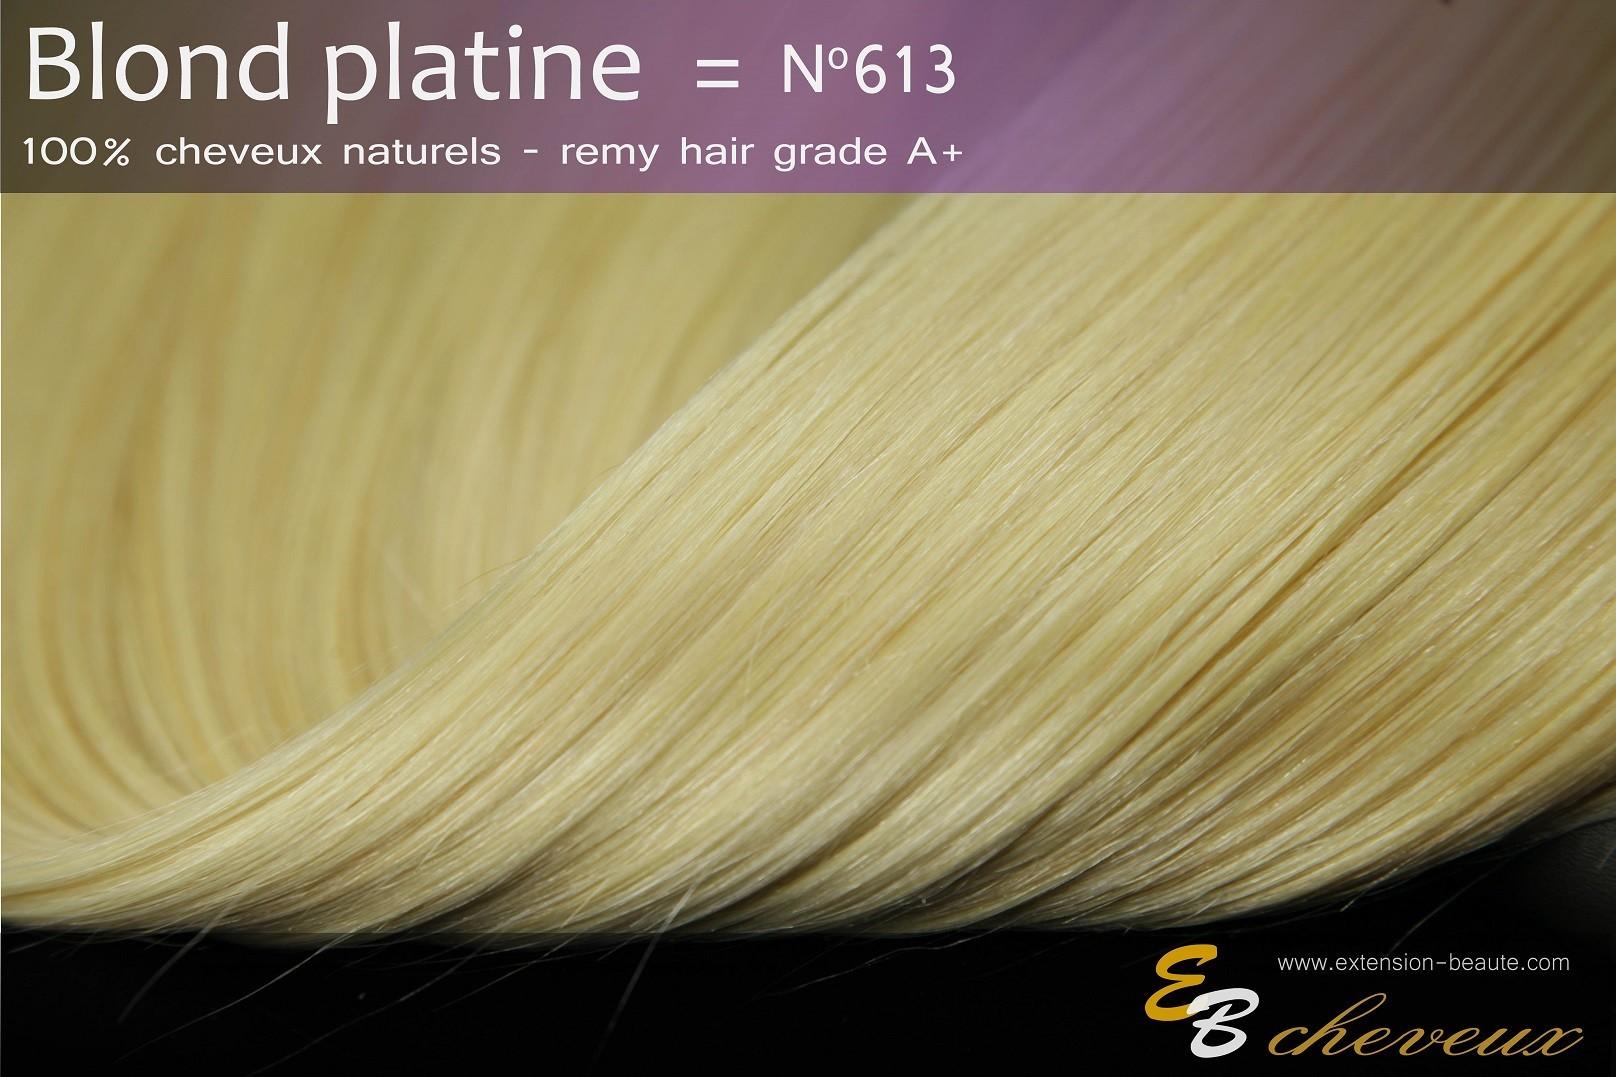 Blond platine N°613